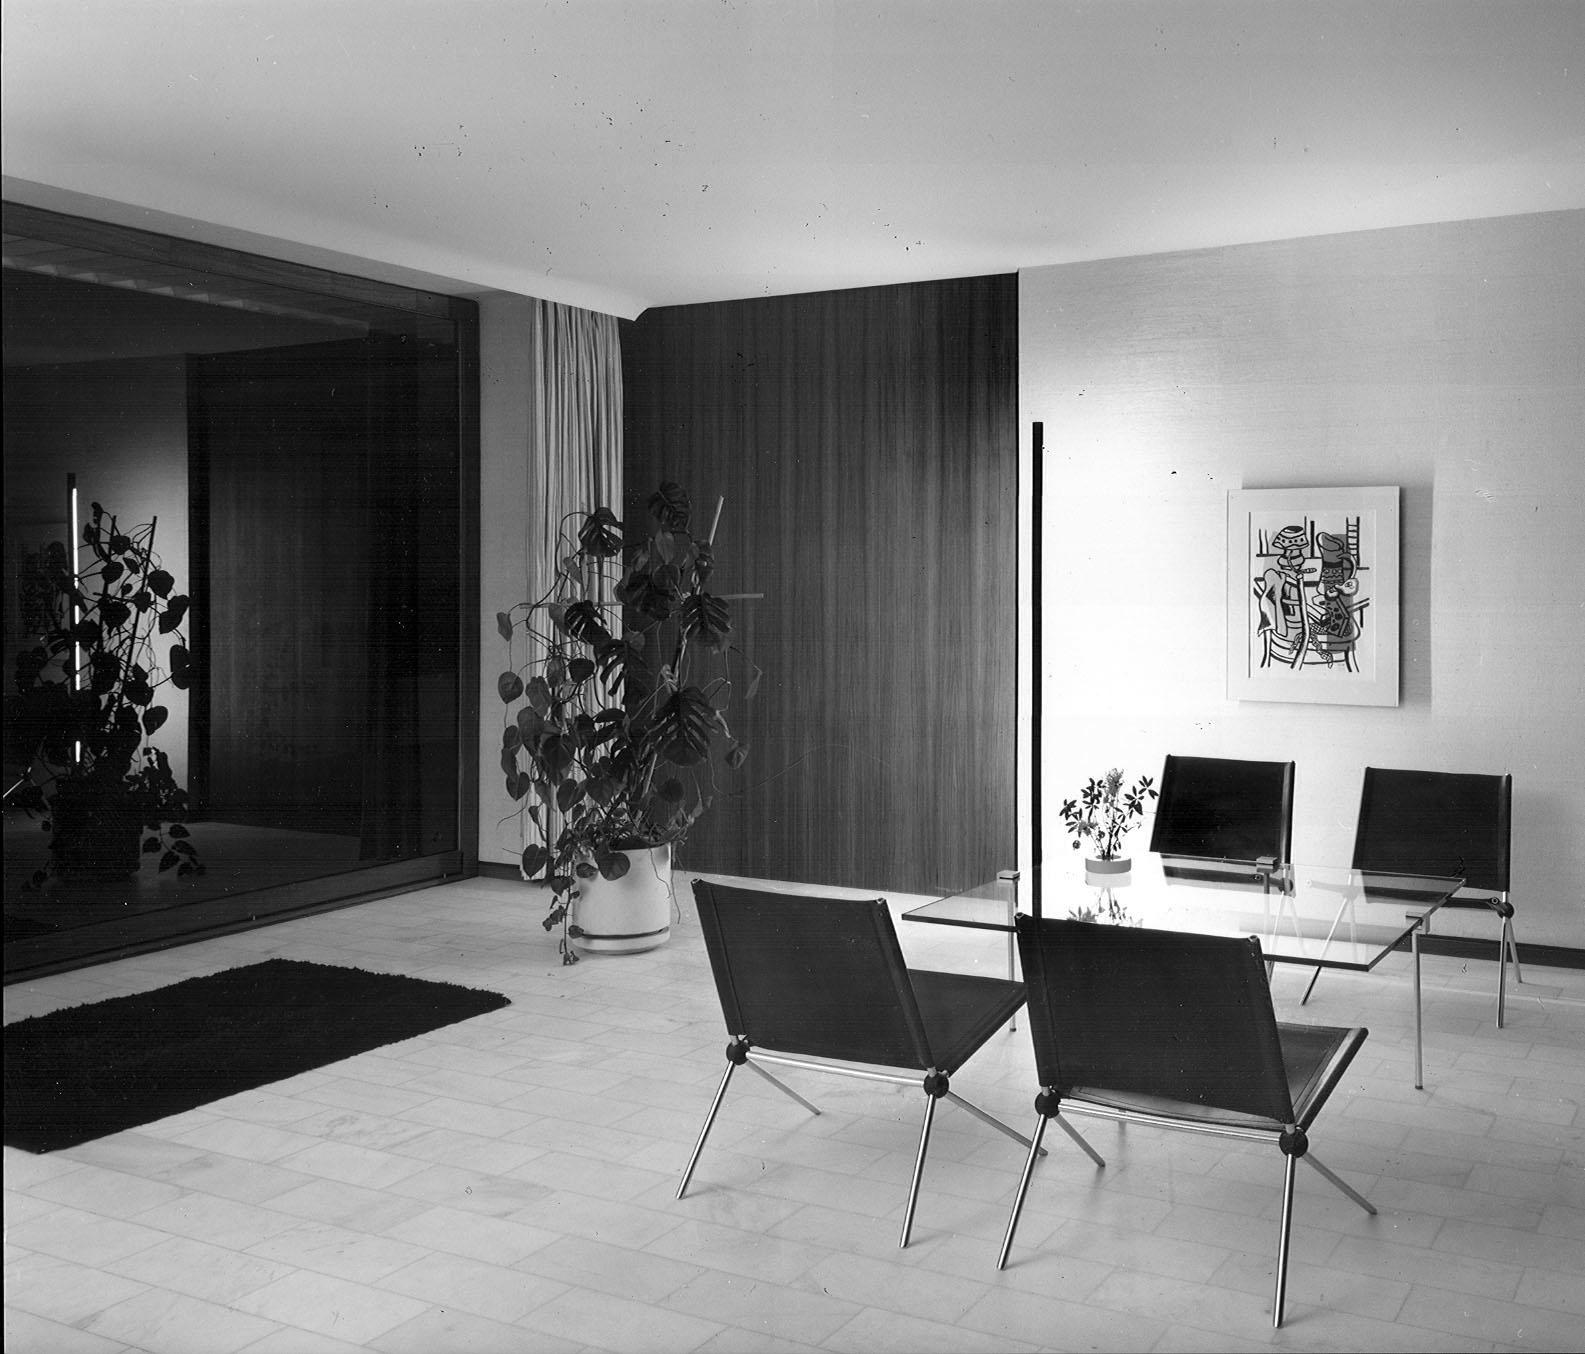 Möbel | Paul Schneider-Esleben